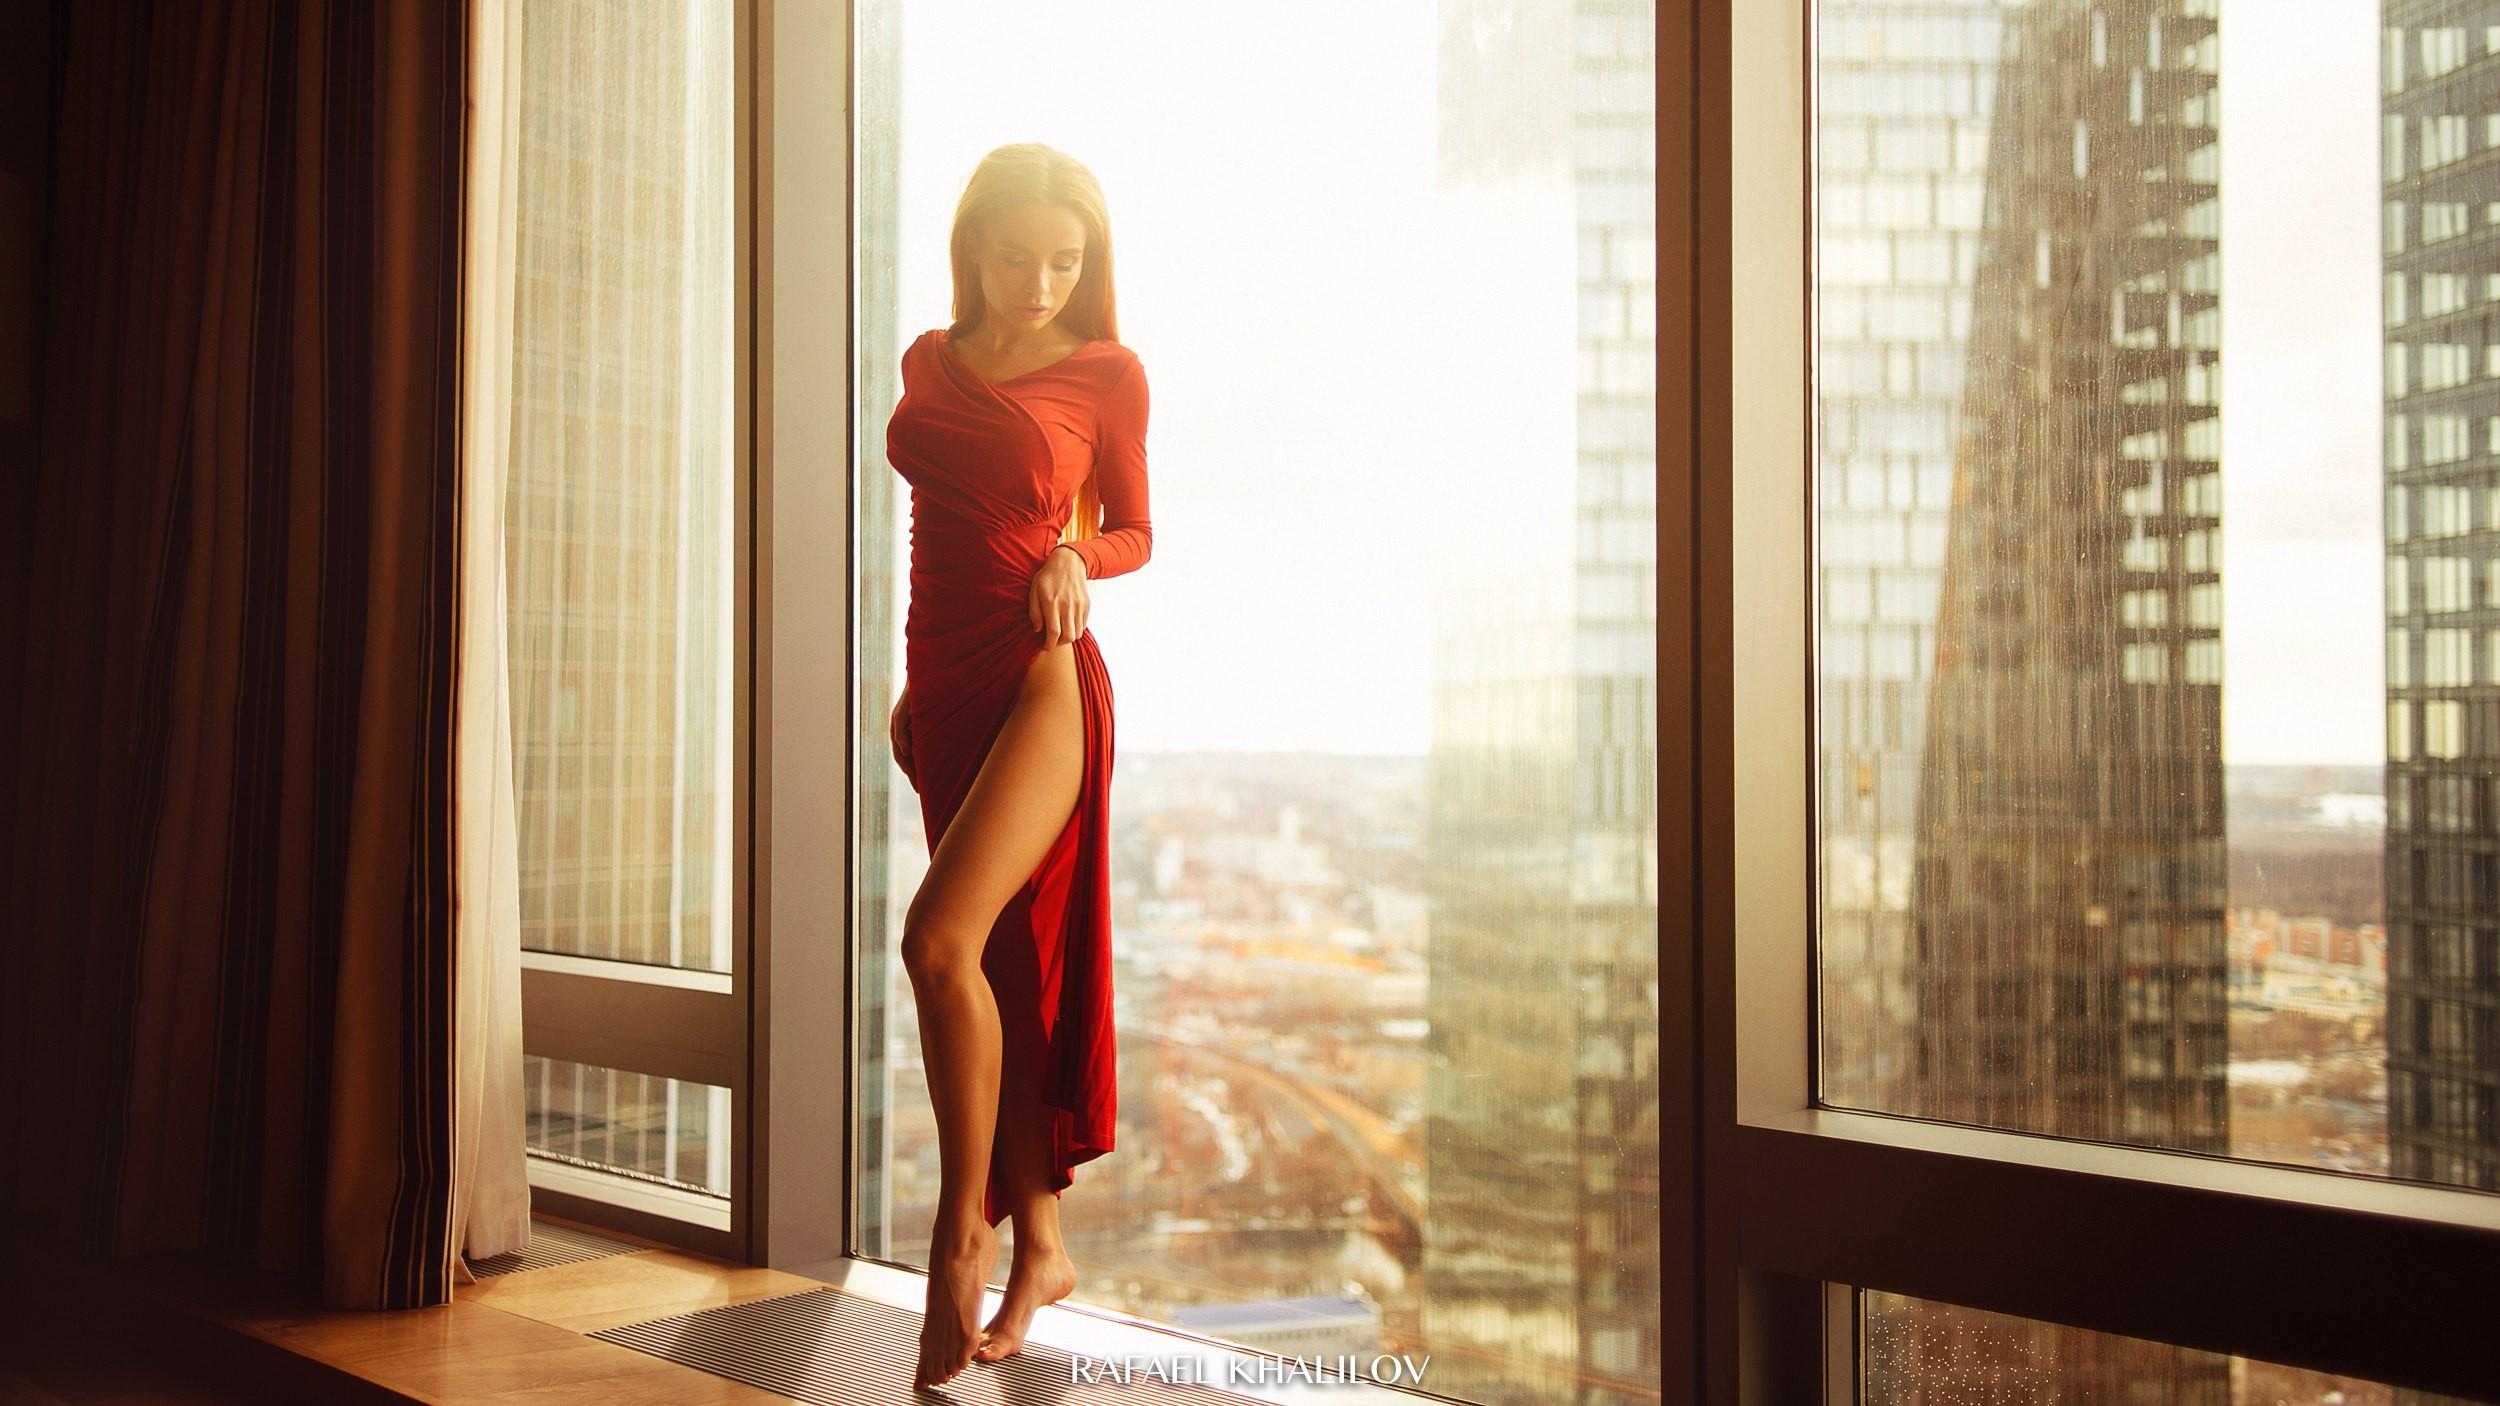 Картинка девушка блондинка со спины у панорамного окна с цветами